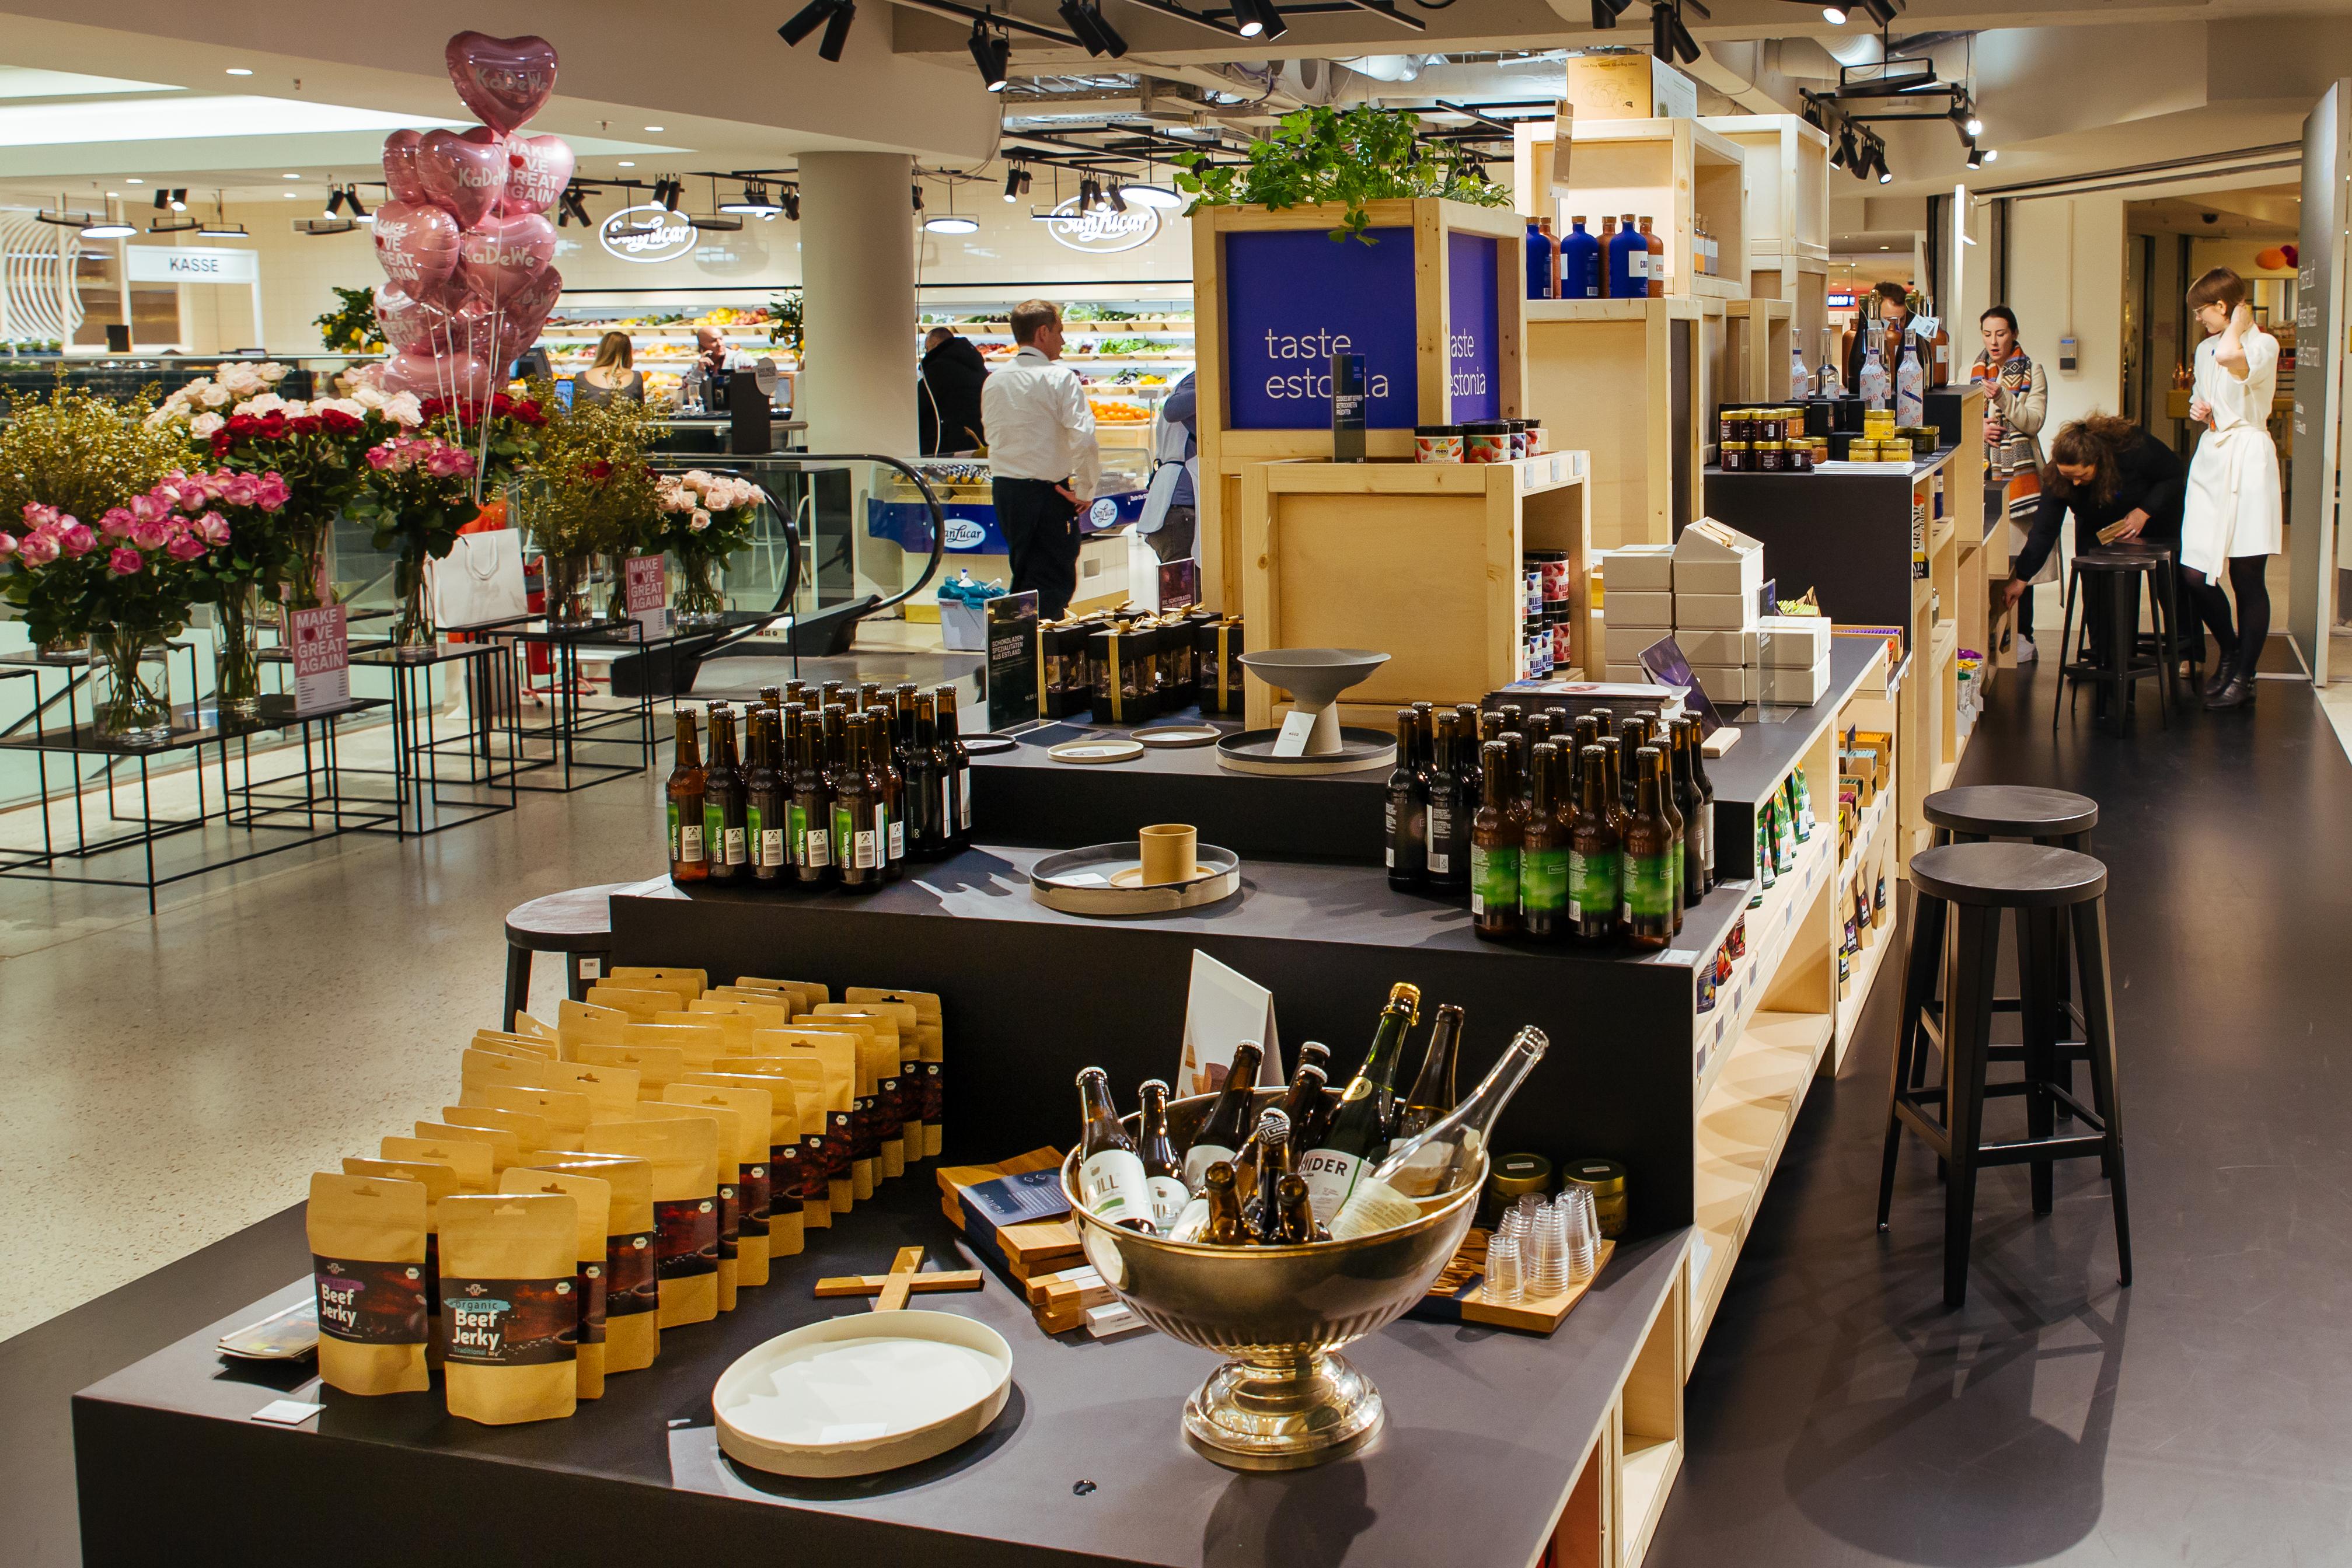 KaDeWe Taste Estonia